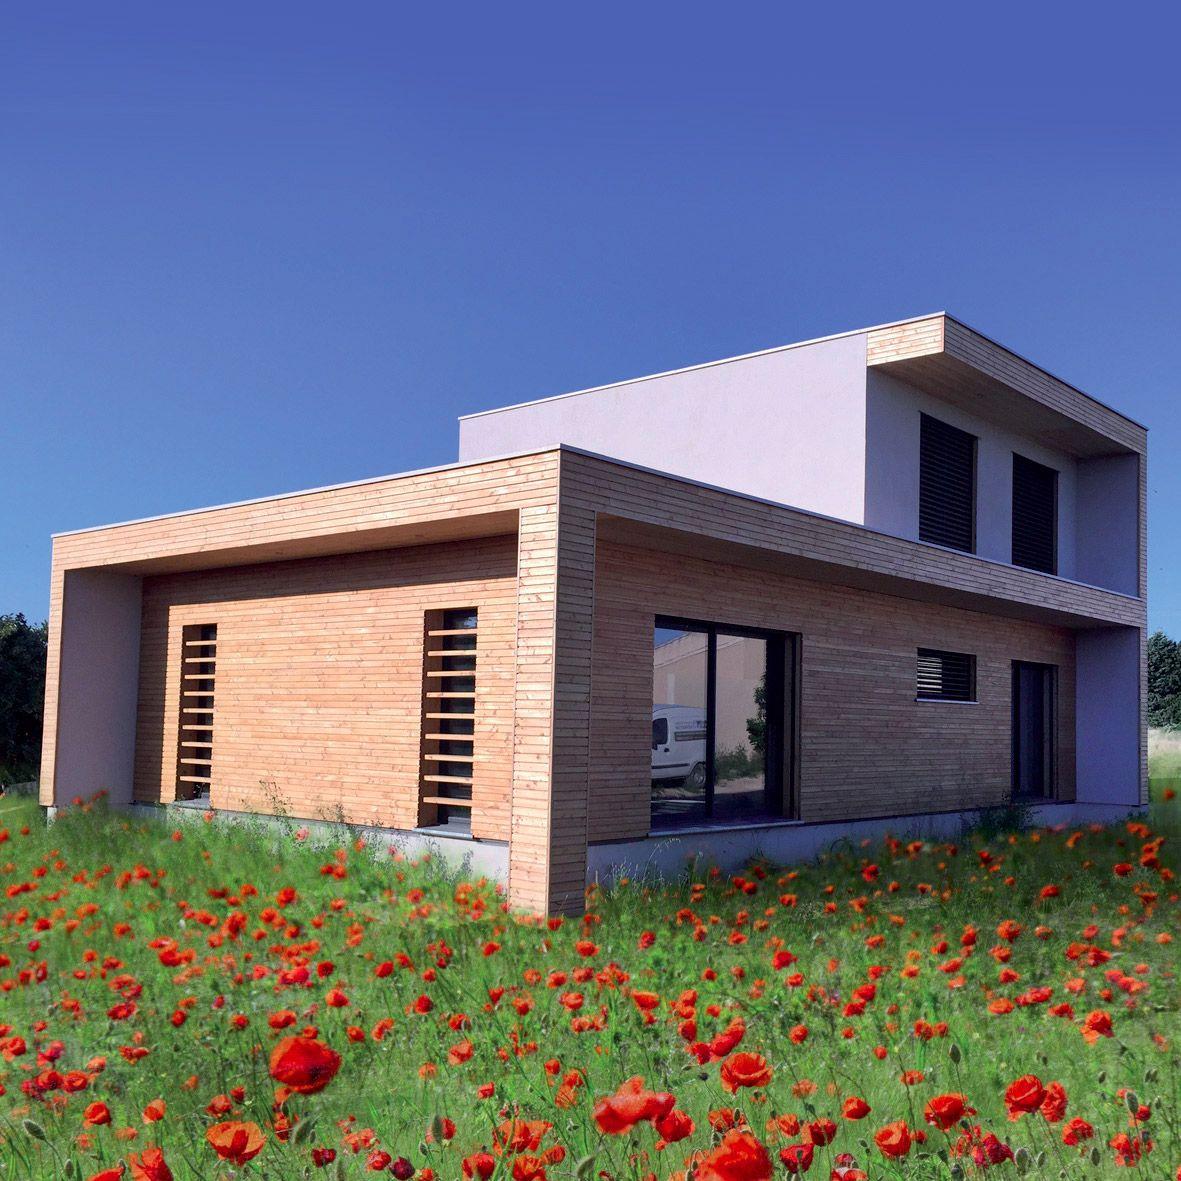 Rielcy maison ossature bois bioclimatique par nature et bois construction wood on house - Maison nature et bois ...